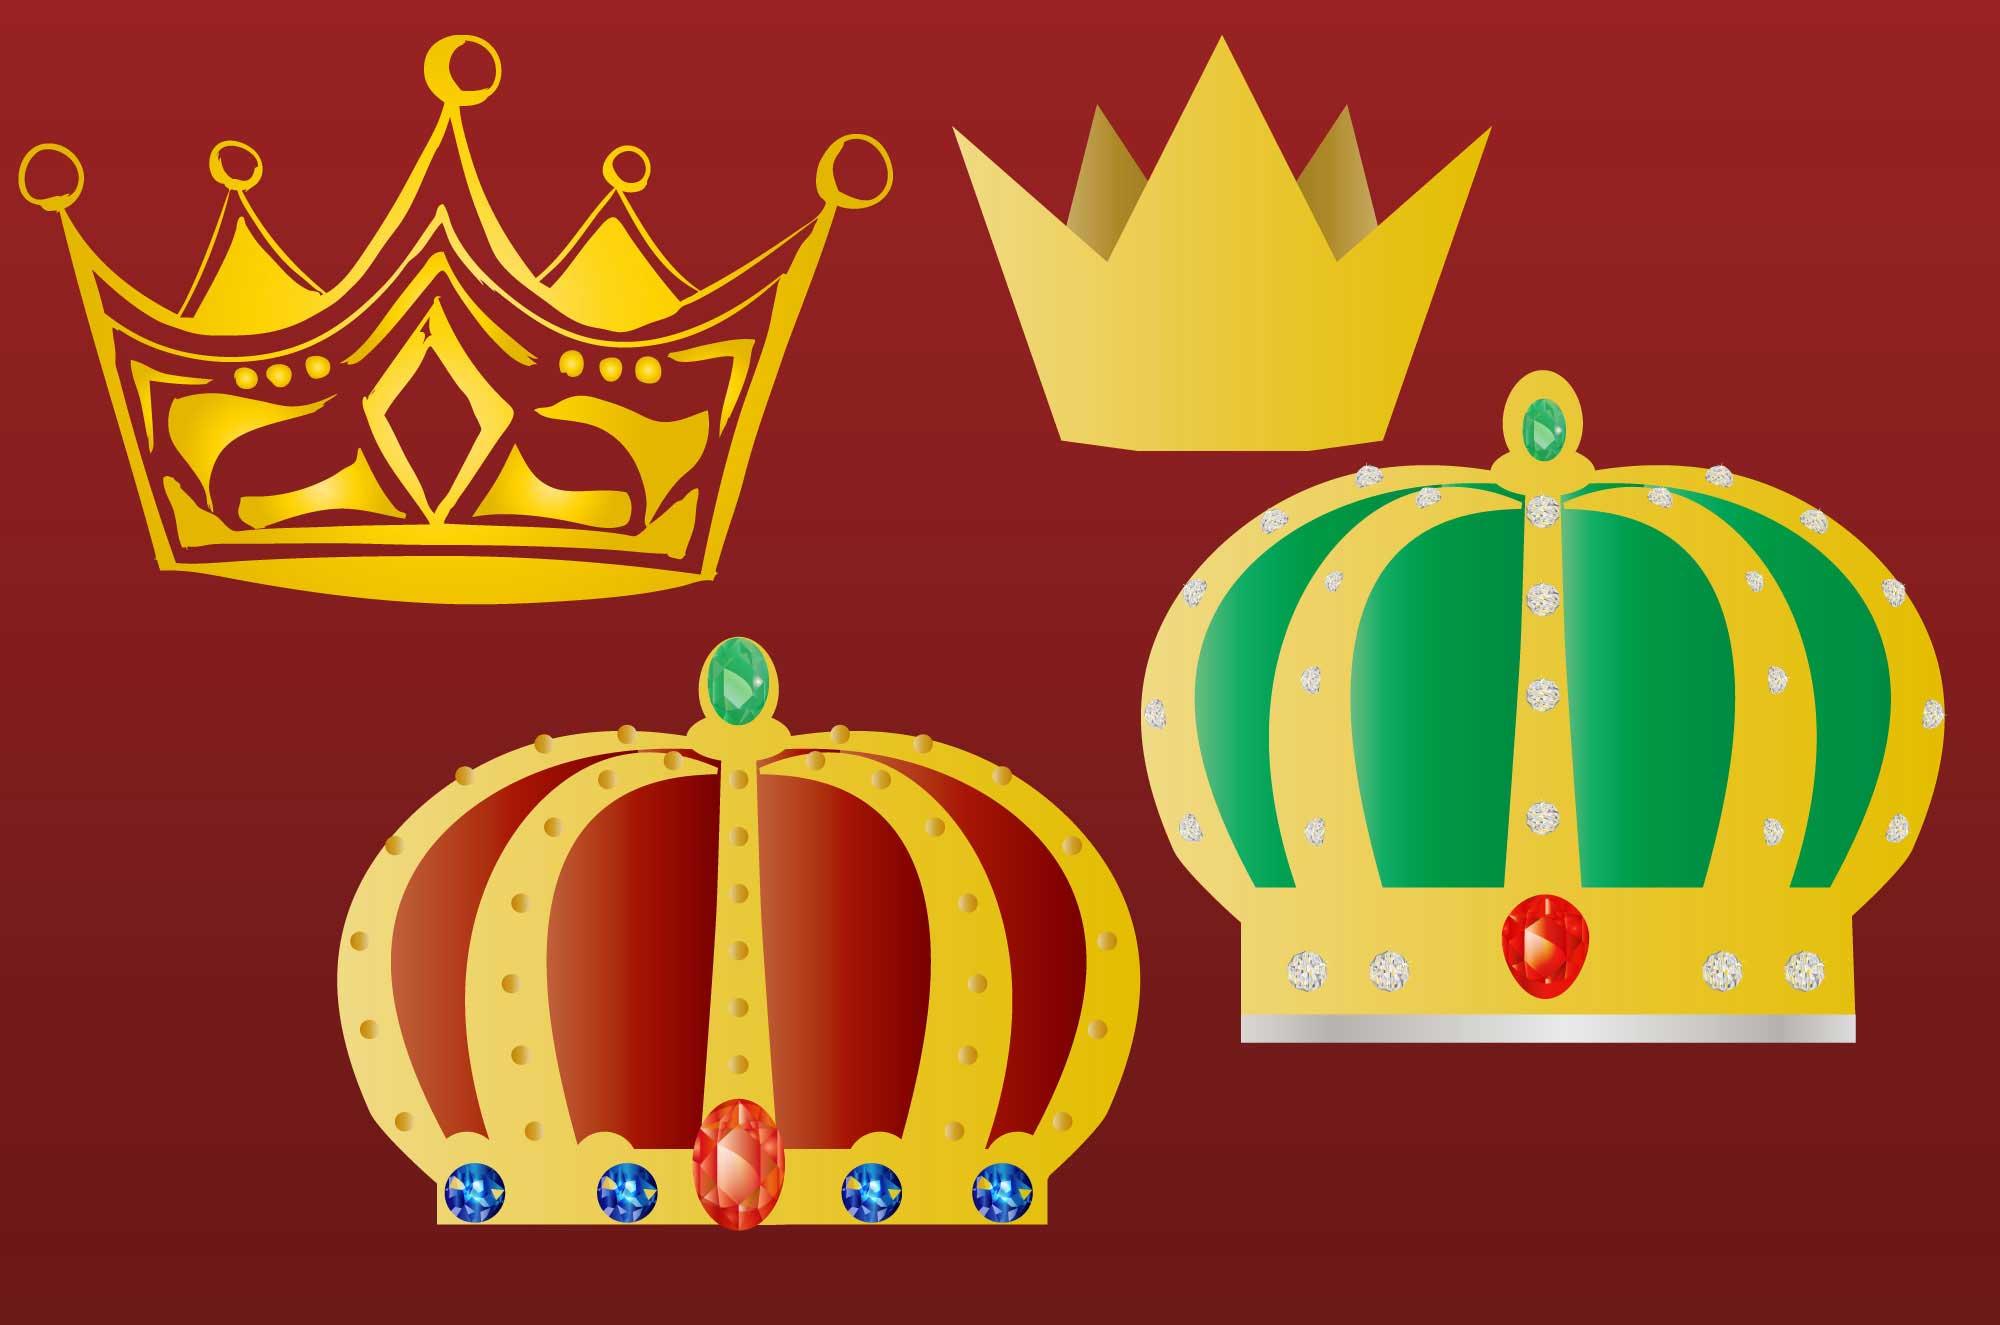 王冠のイラスト - 可愛いくてゴージャスなフリー素材